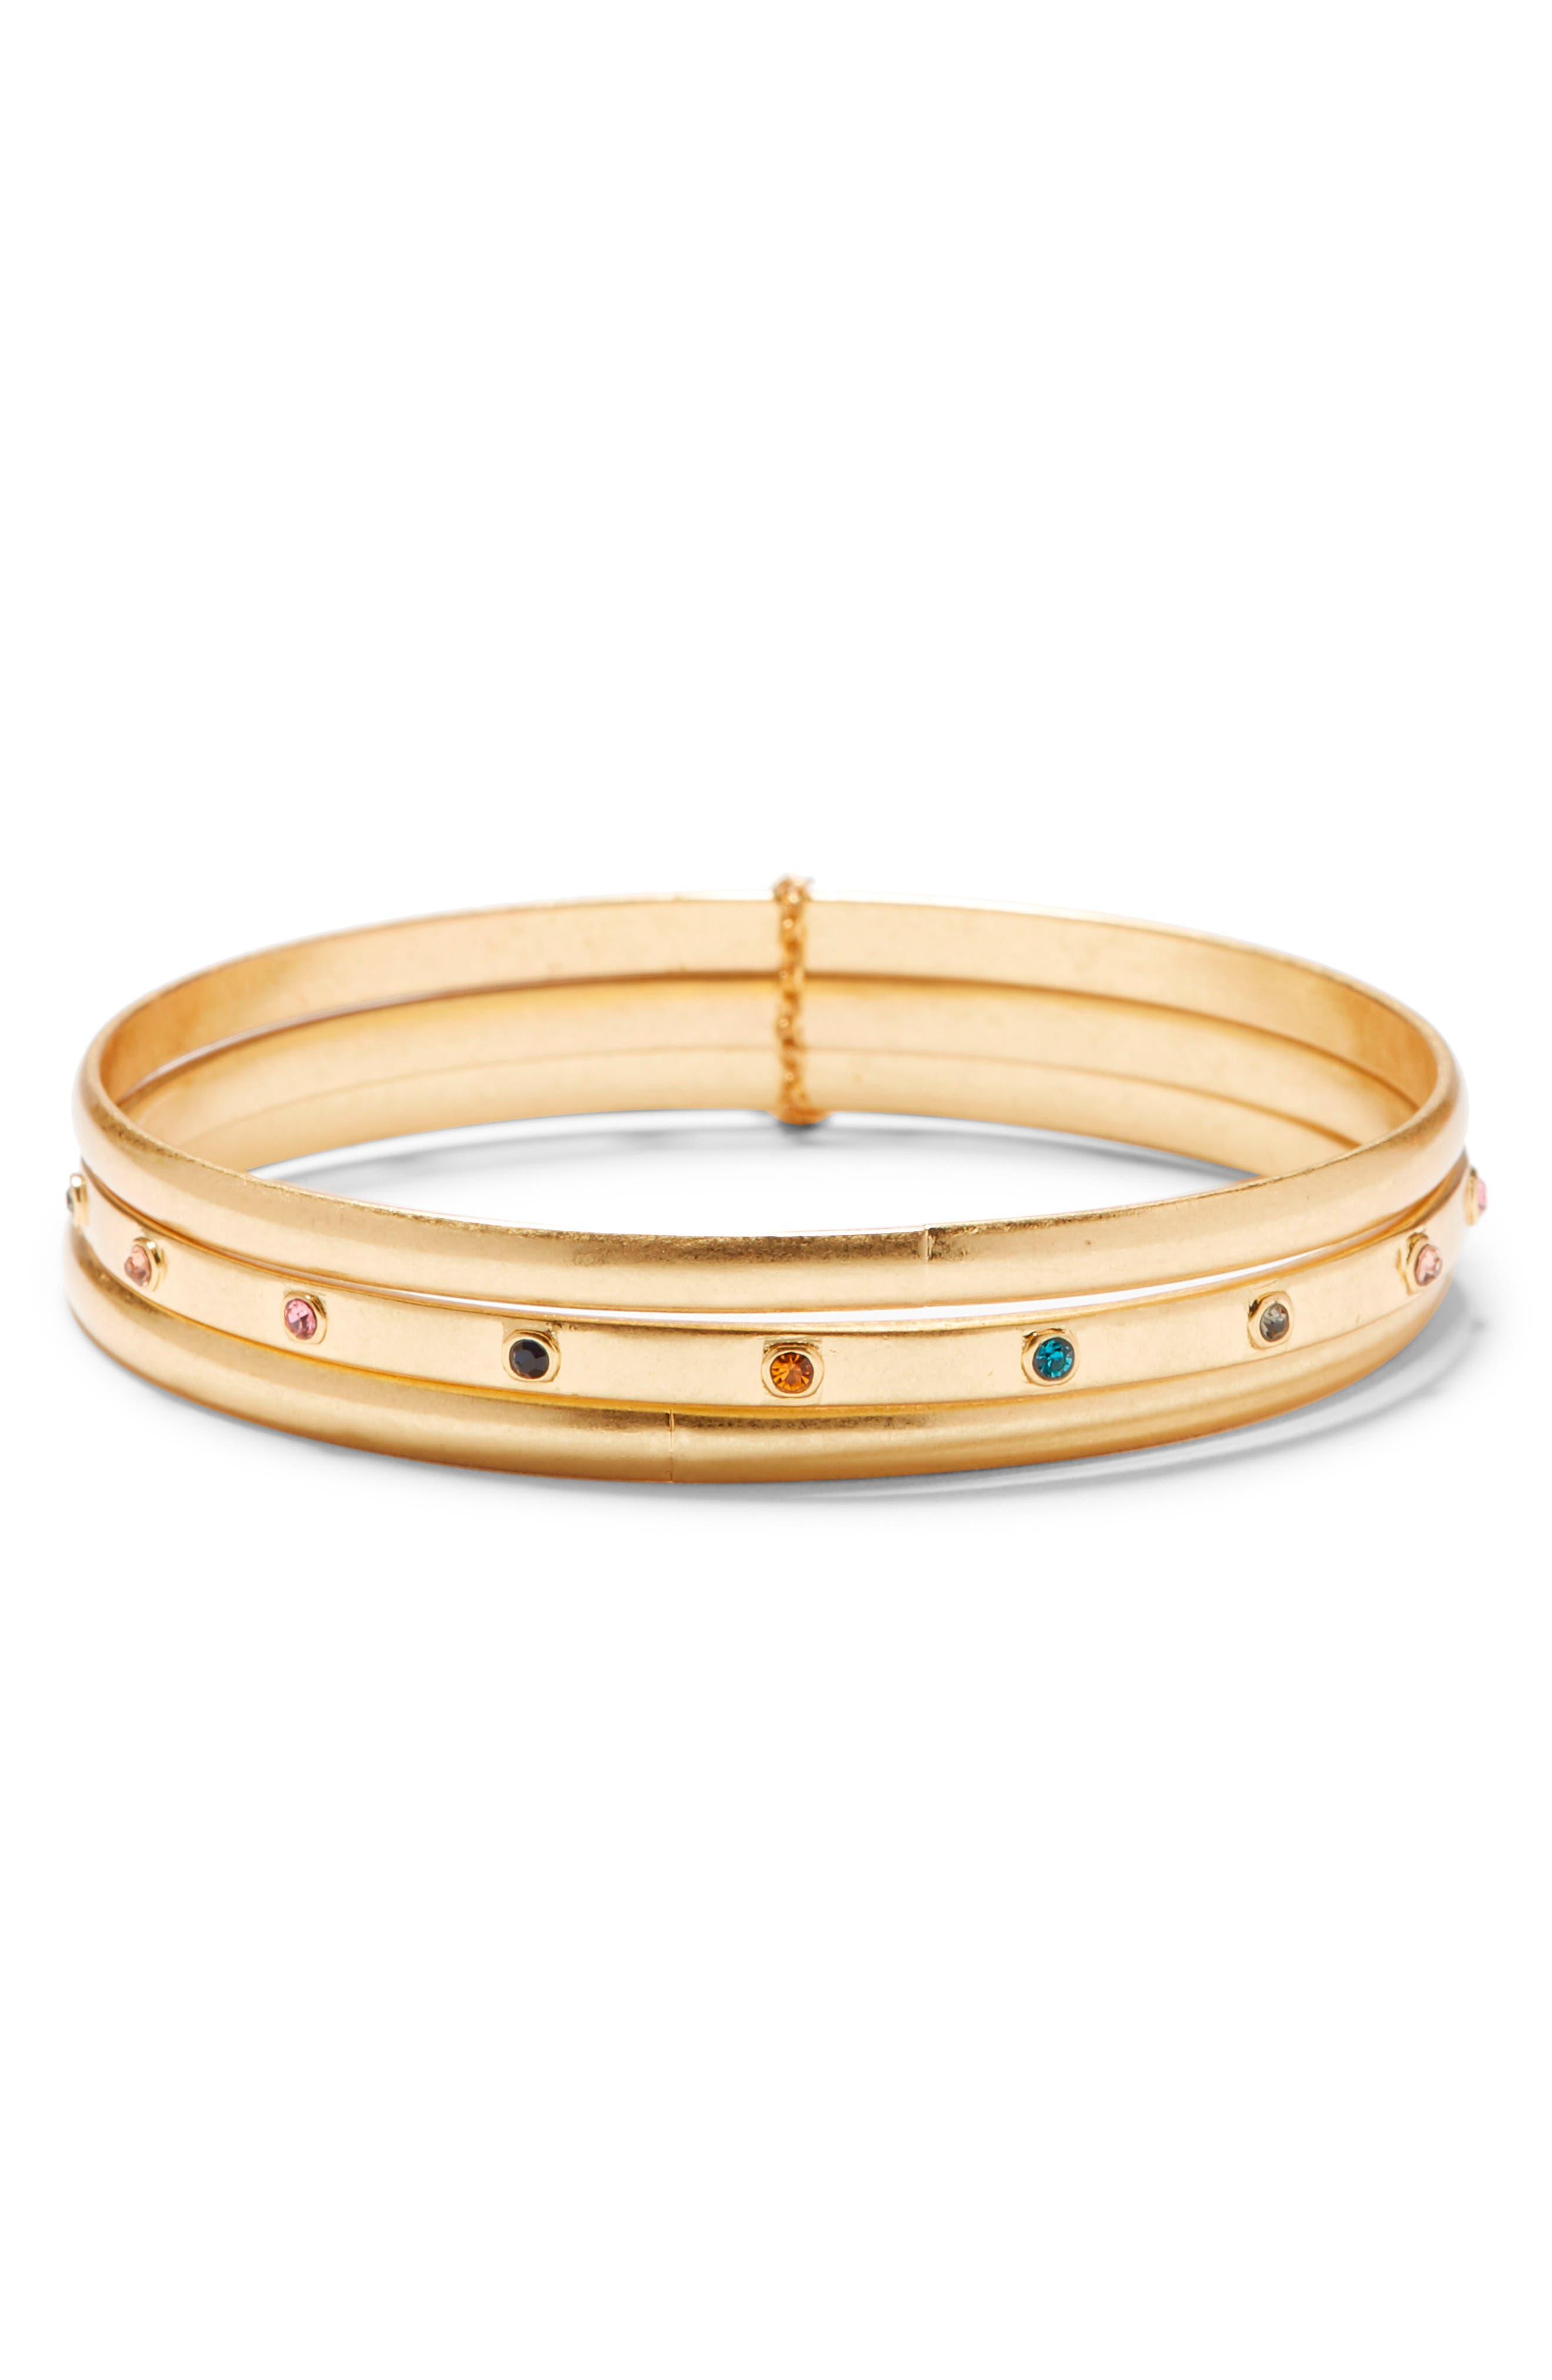 Image of Sole Society Stone Bangle Bracelets - Set of 3